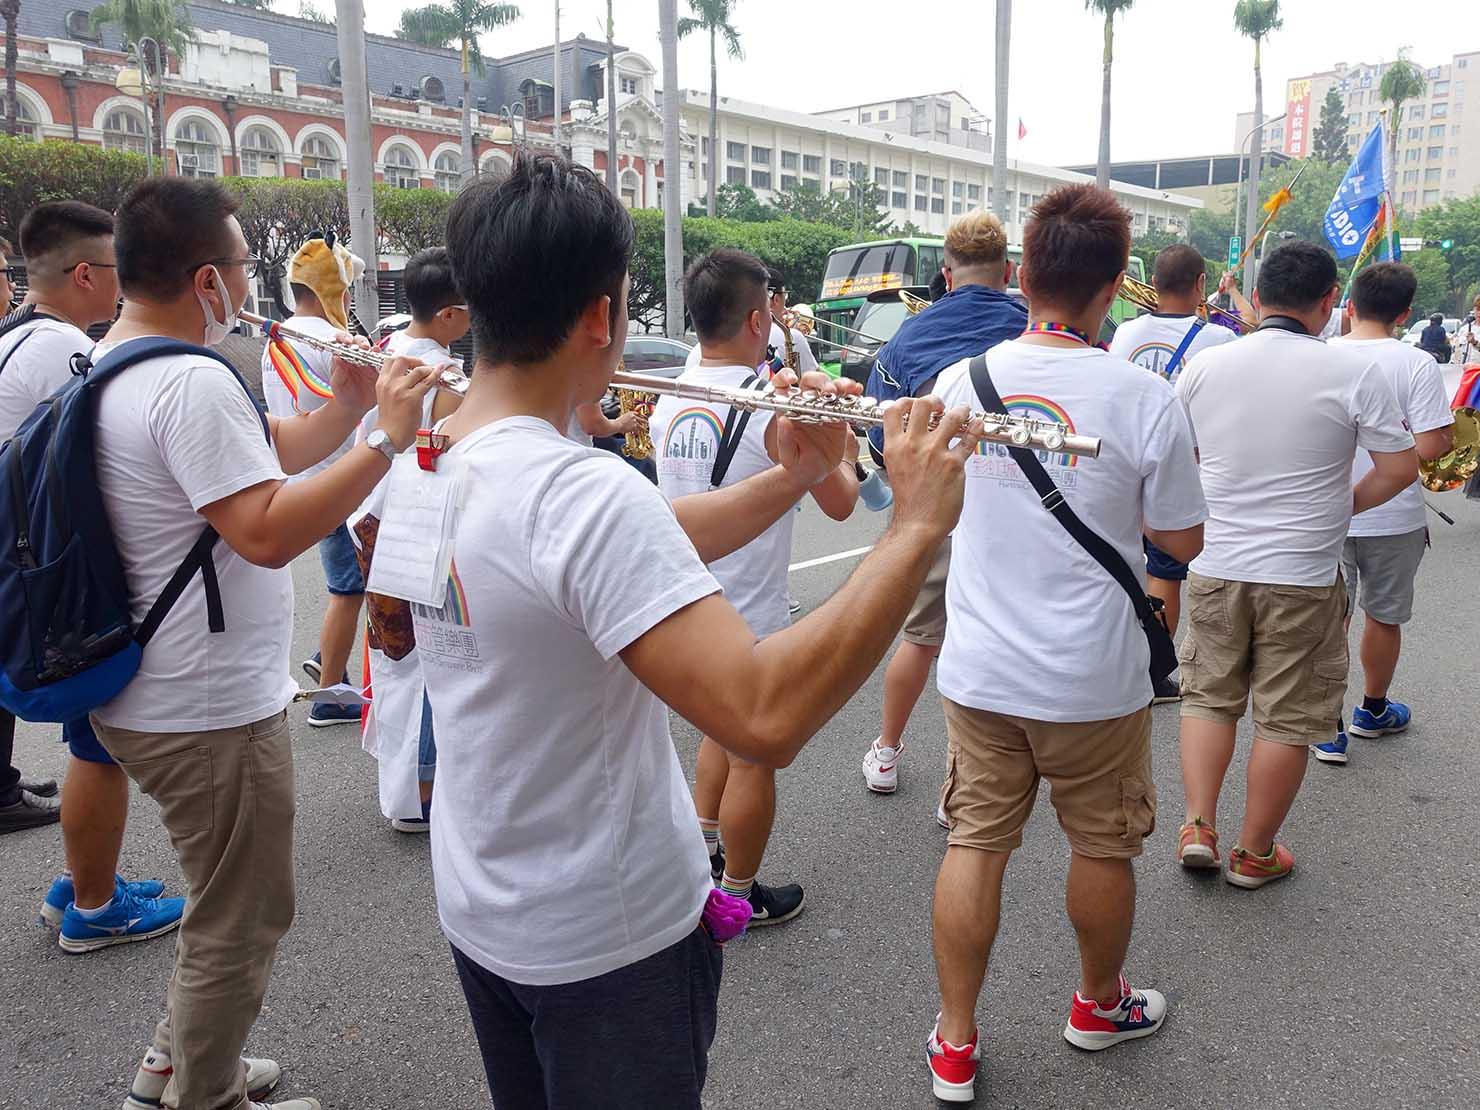 台中同志遊行(台中LGBTプライド)2018のパレードで演奏するブラスバンド